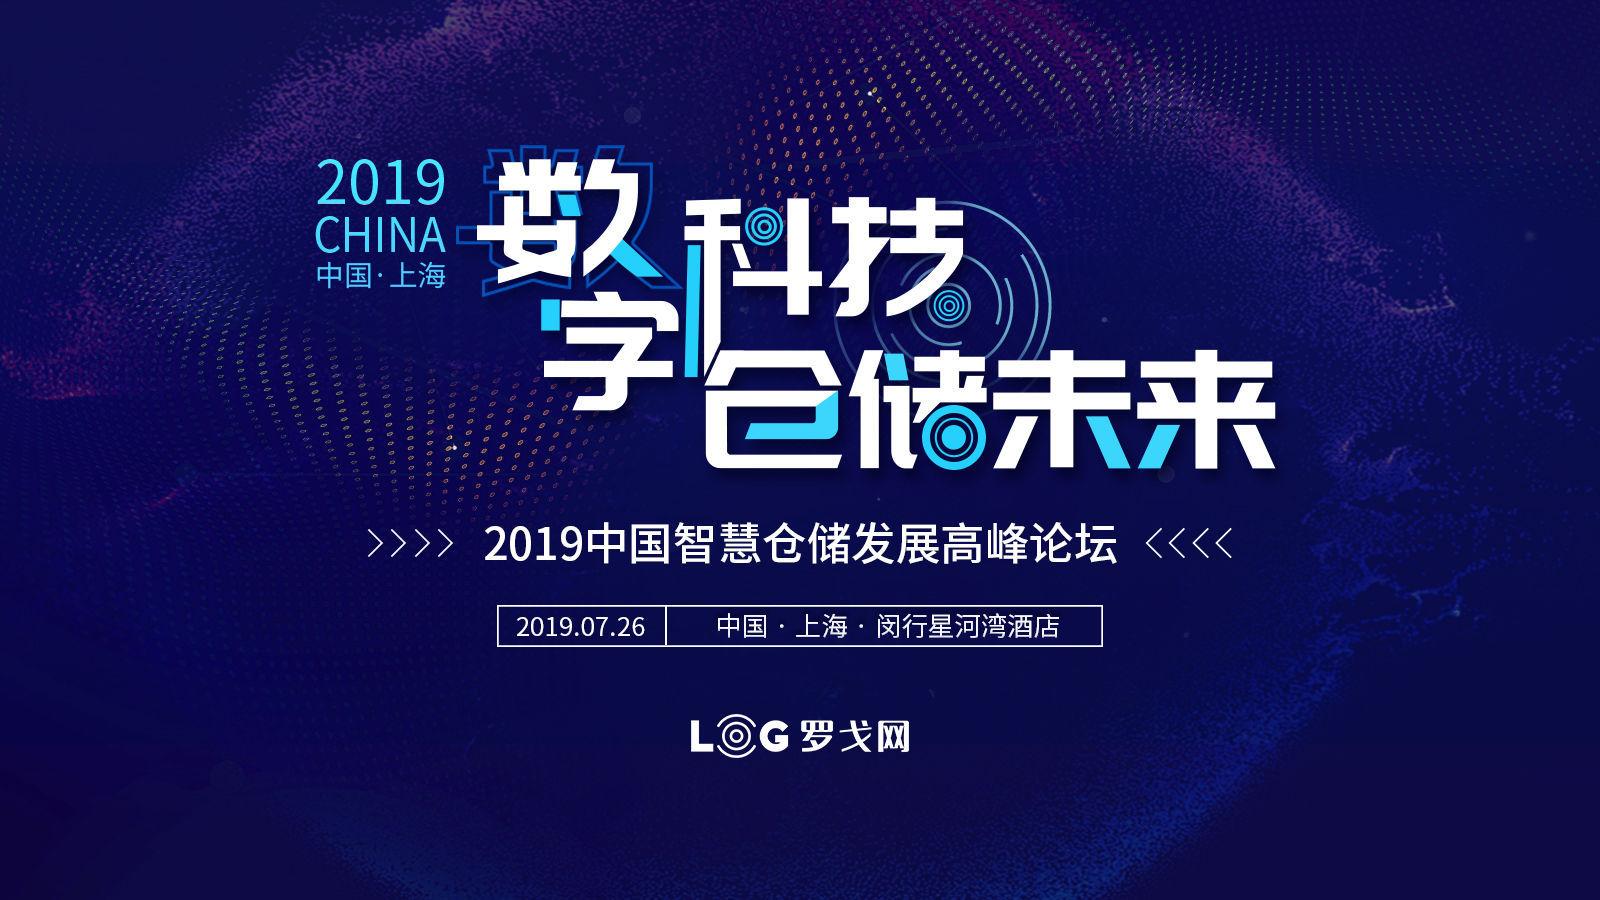 2019中國智慧倉儲發展高峰論壇